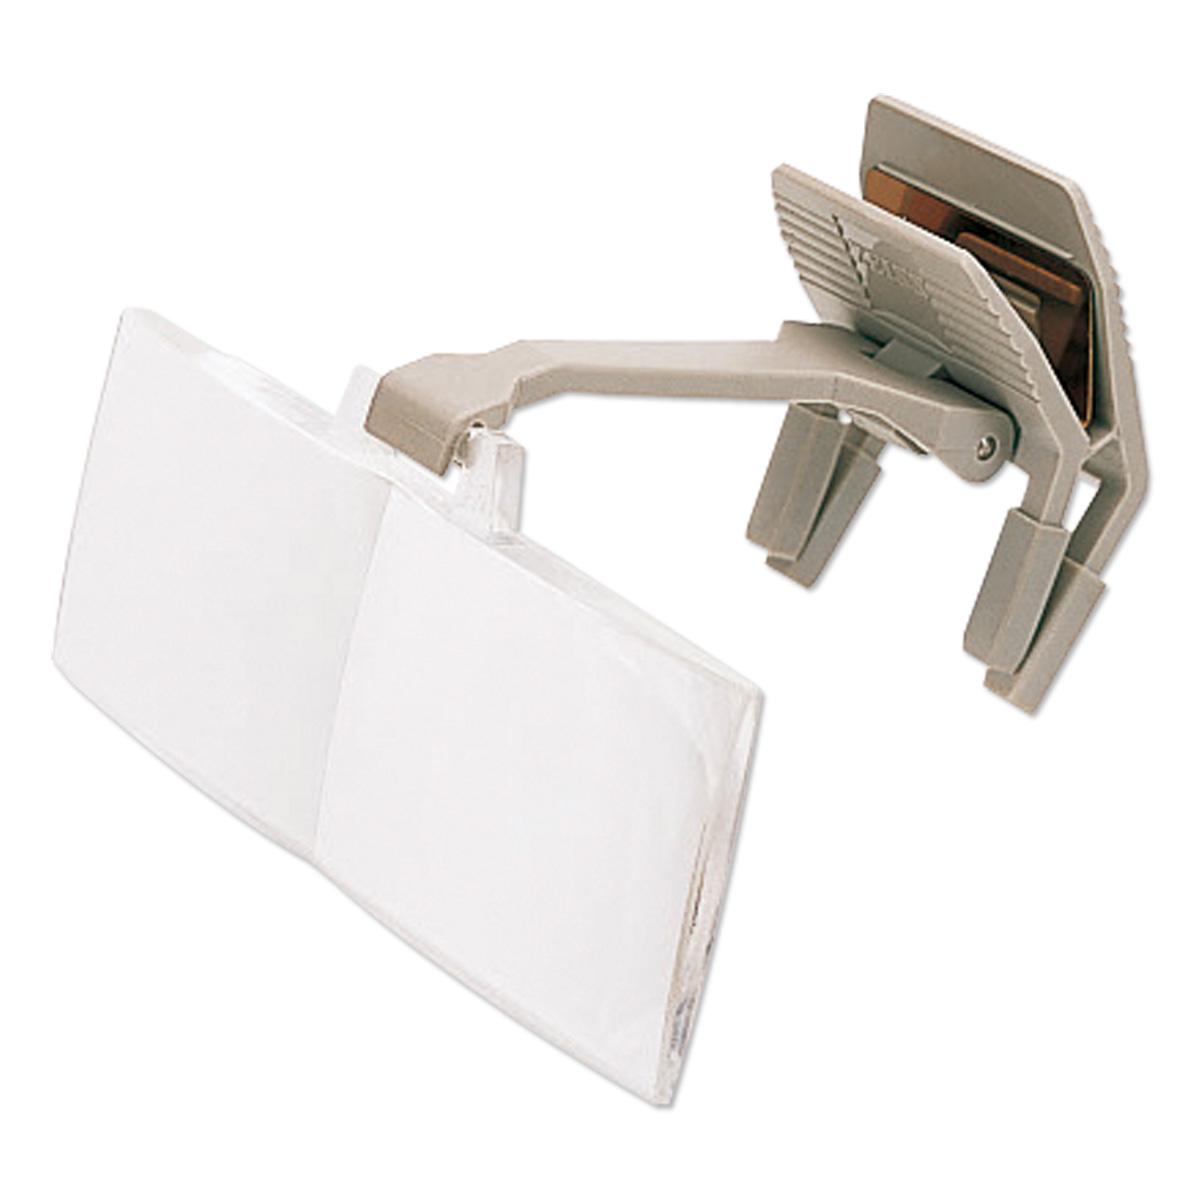 ルーペ メガネ 眼鏡型 メンズ レディース 老眼 カールツアイス 双眼メガネルーペ クリップ式 メガネの上から コプルーペ LC 本物 D4 拡大鏡 Zeiss カールツァイス 携帯 おすすめ ルーペ眼鏡 おしゃれ 保障 虫眼鏡 1.25倍 まつげエクステ ネイル Carl